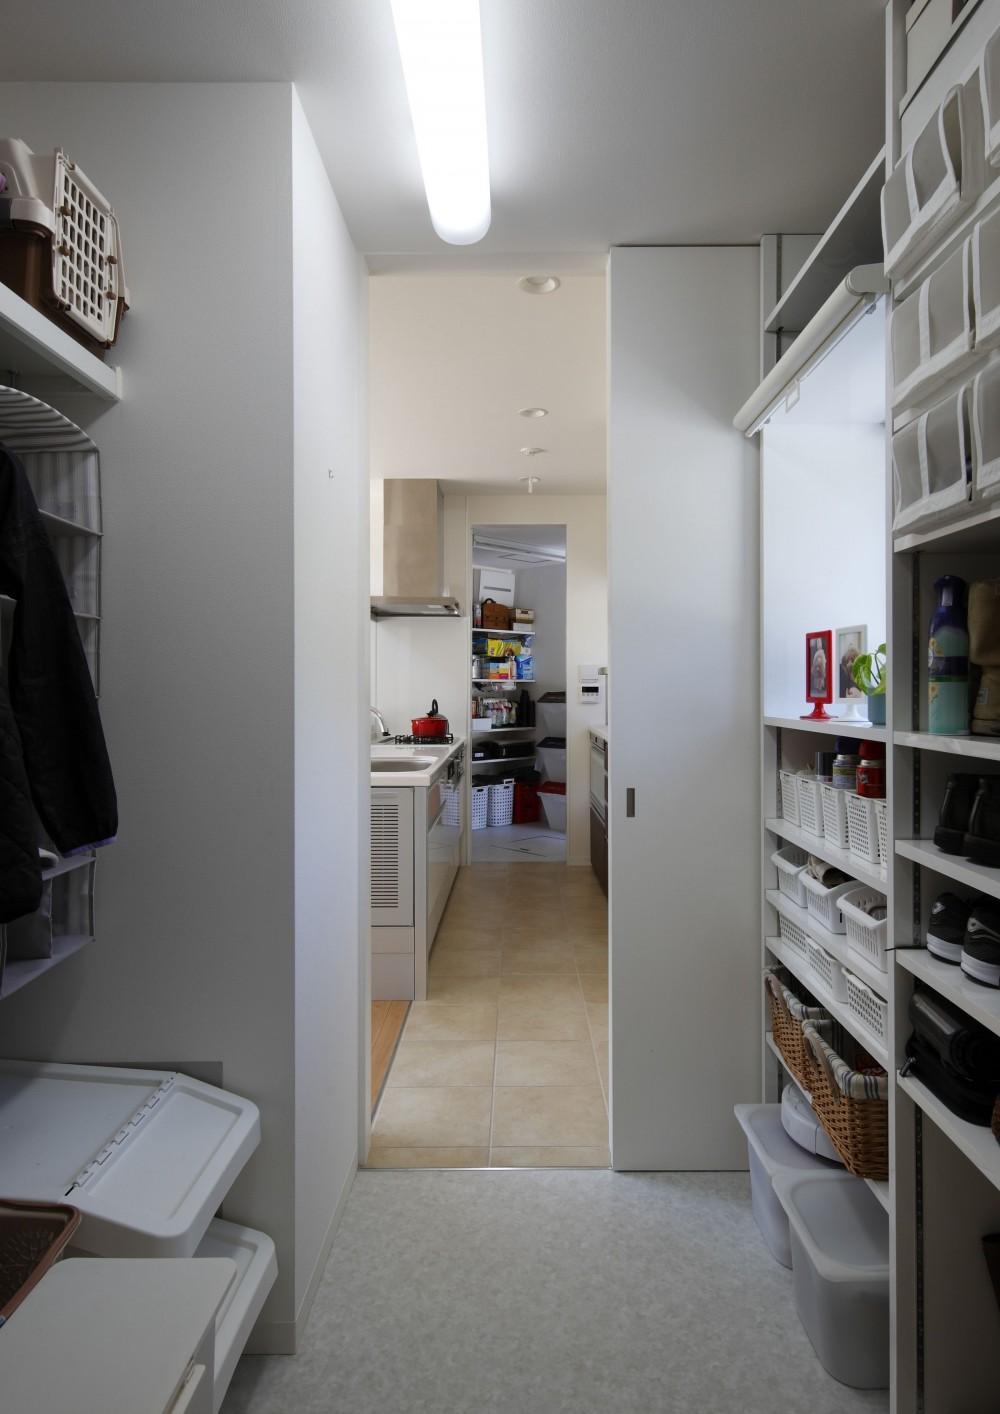 元山城に建つドックランのある家 -滋賀の家- (勝手口から収納庫を通りキッチンへいける)